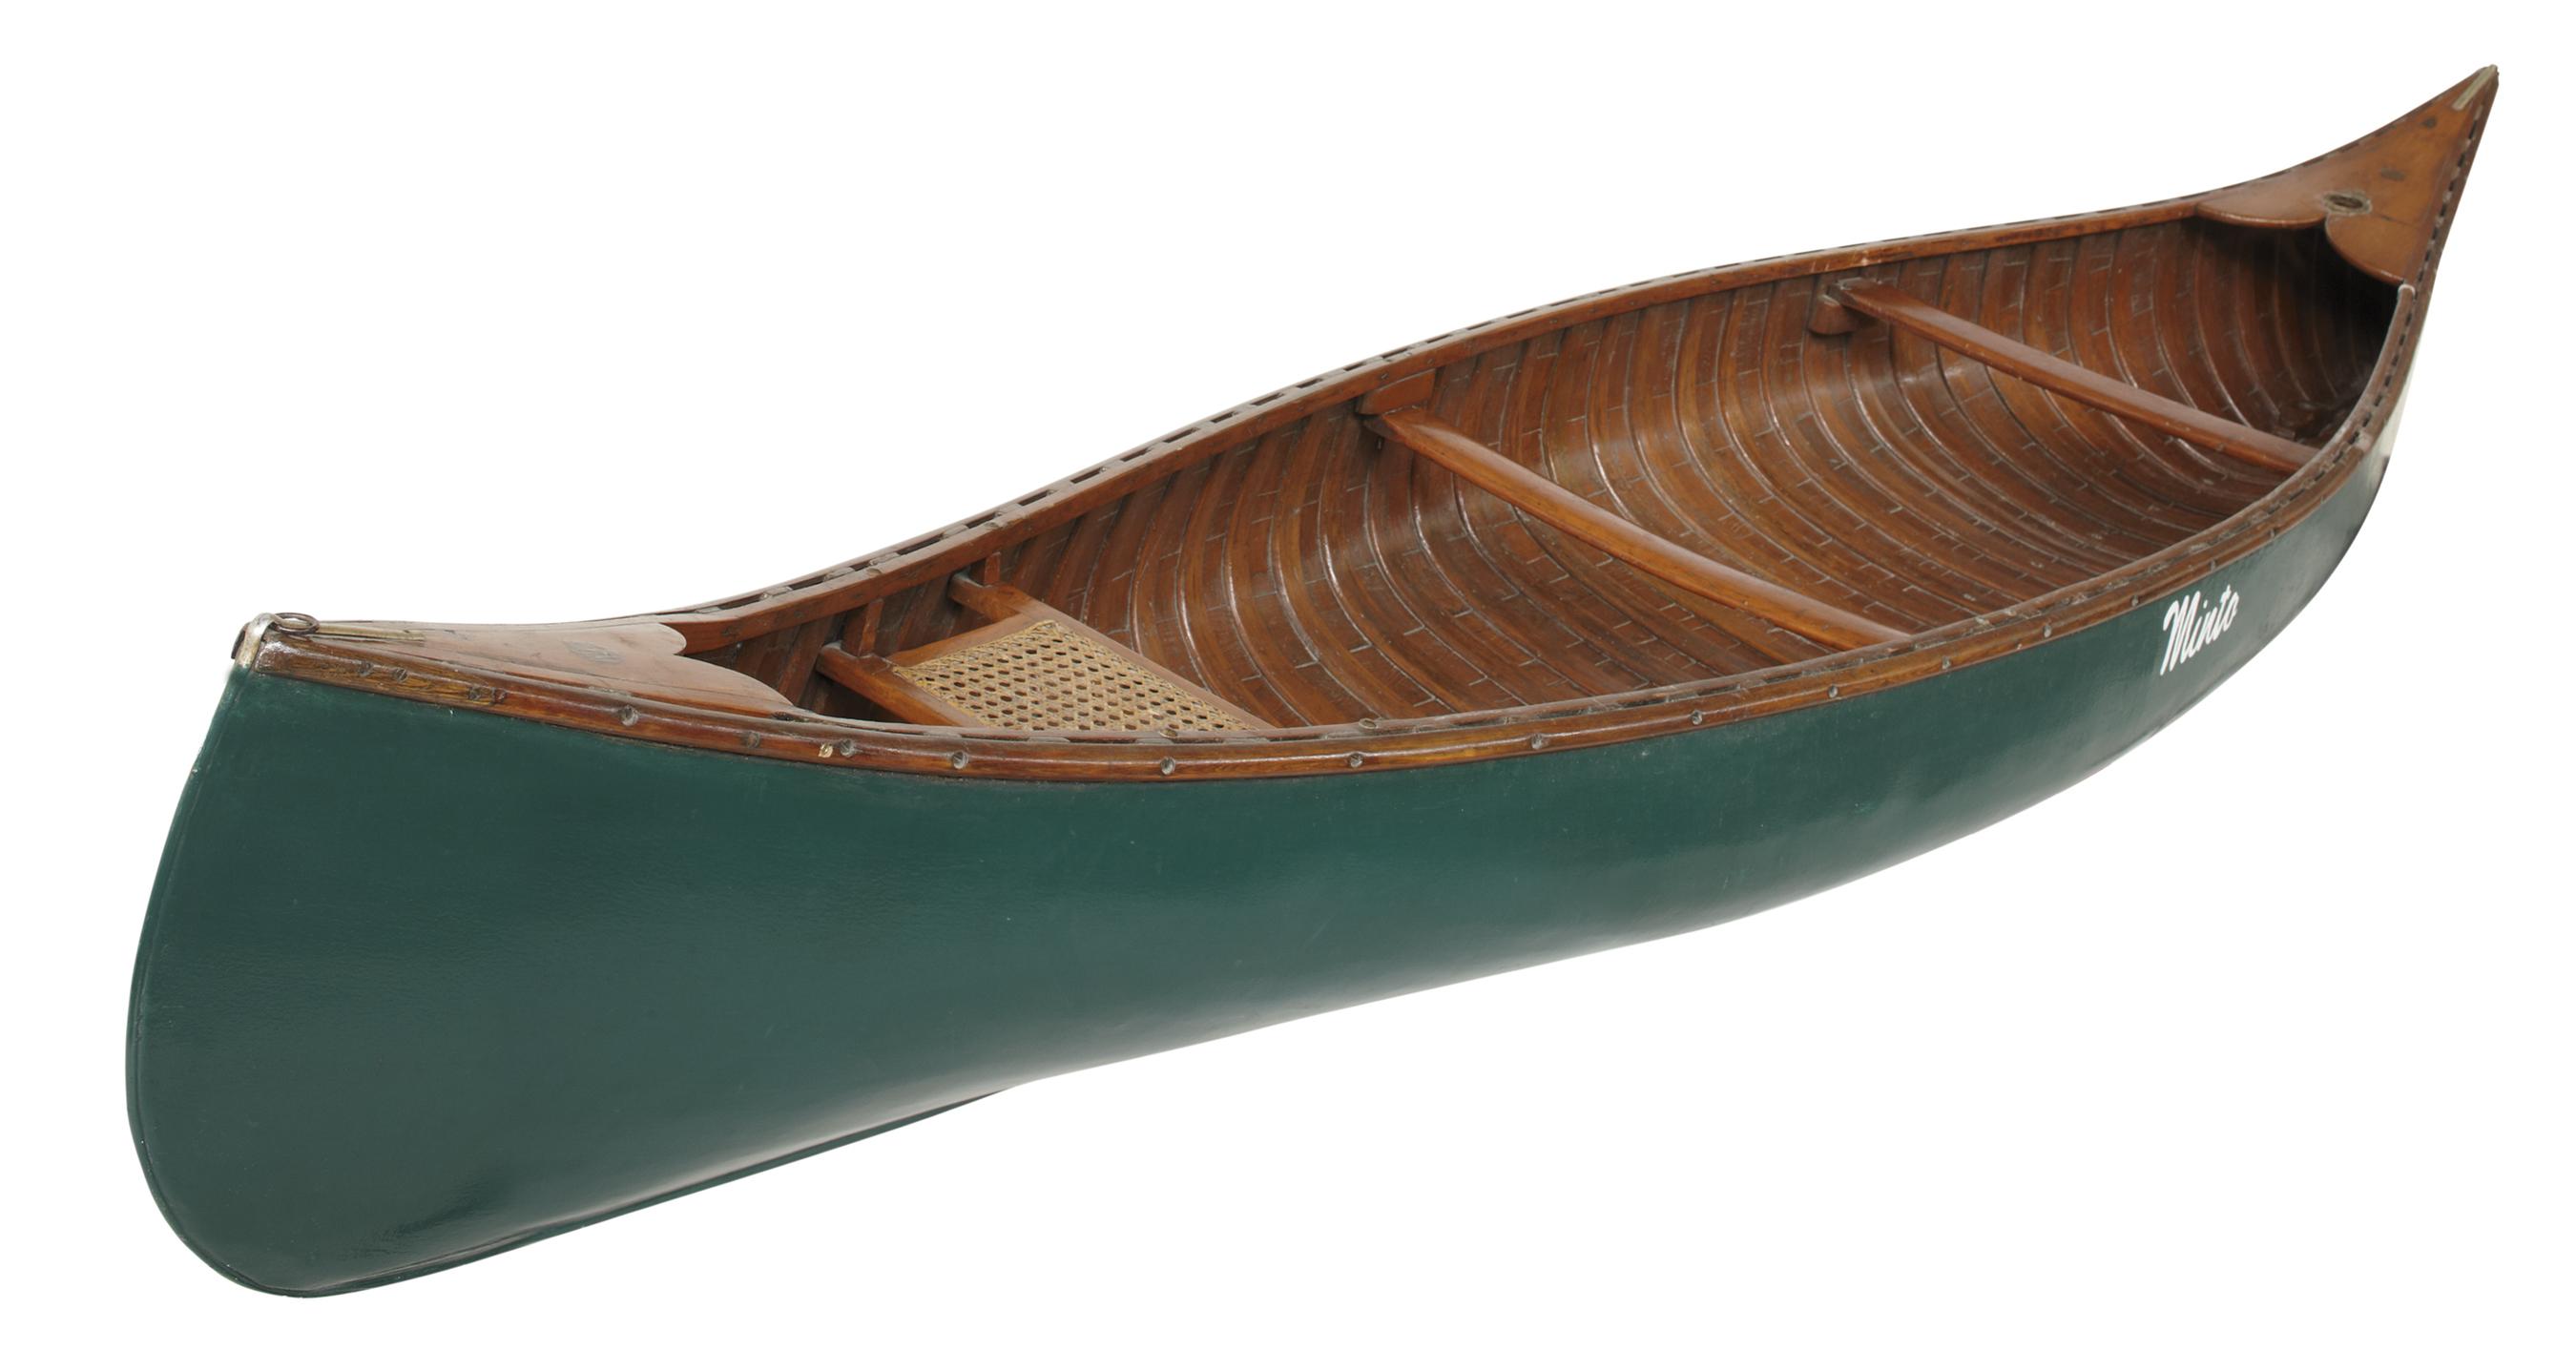 Canoe clipart transport White Canoe Canoe White Images